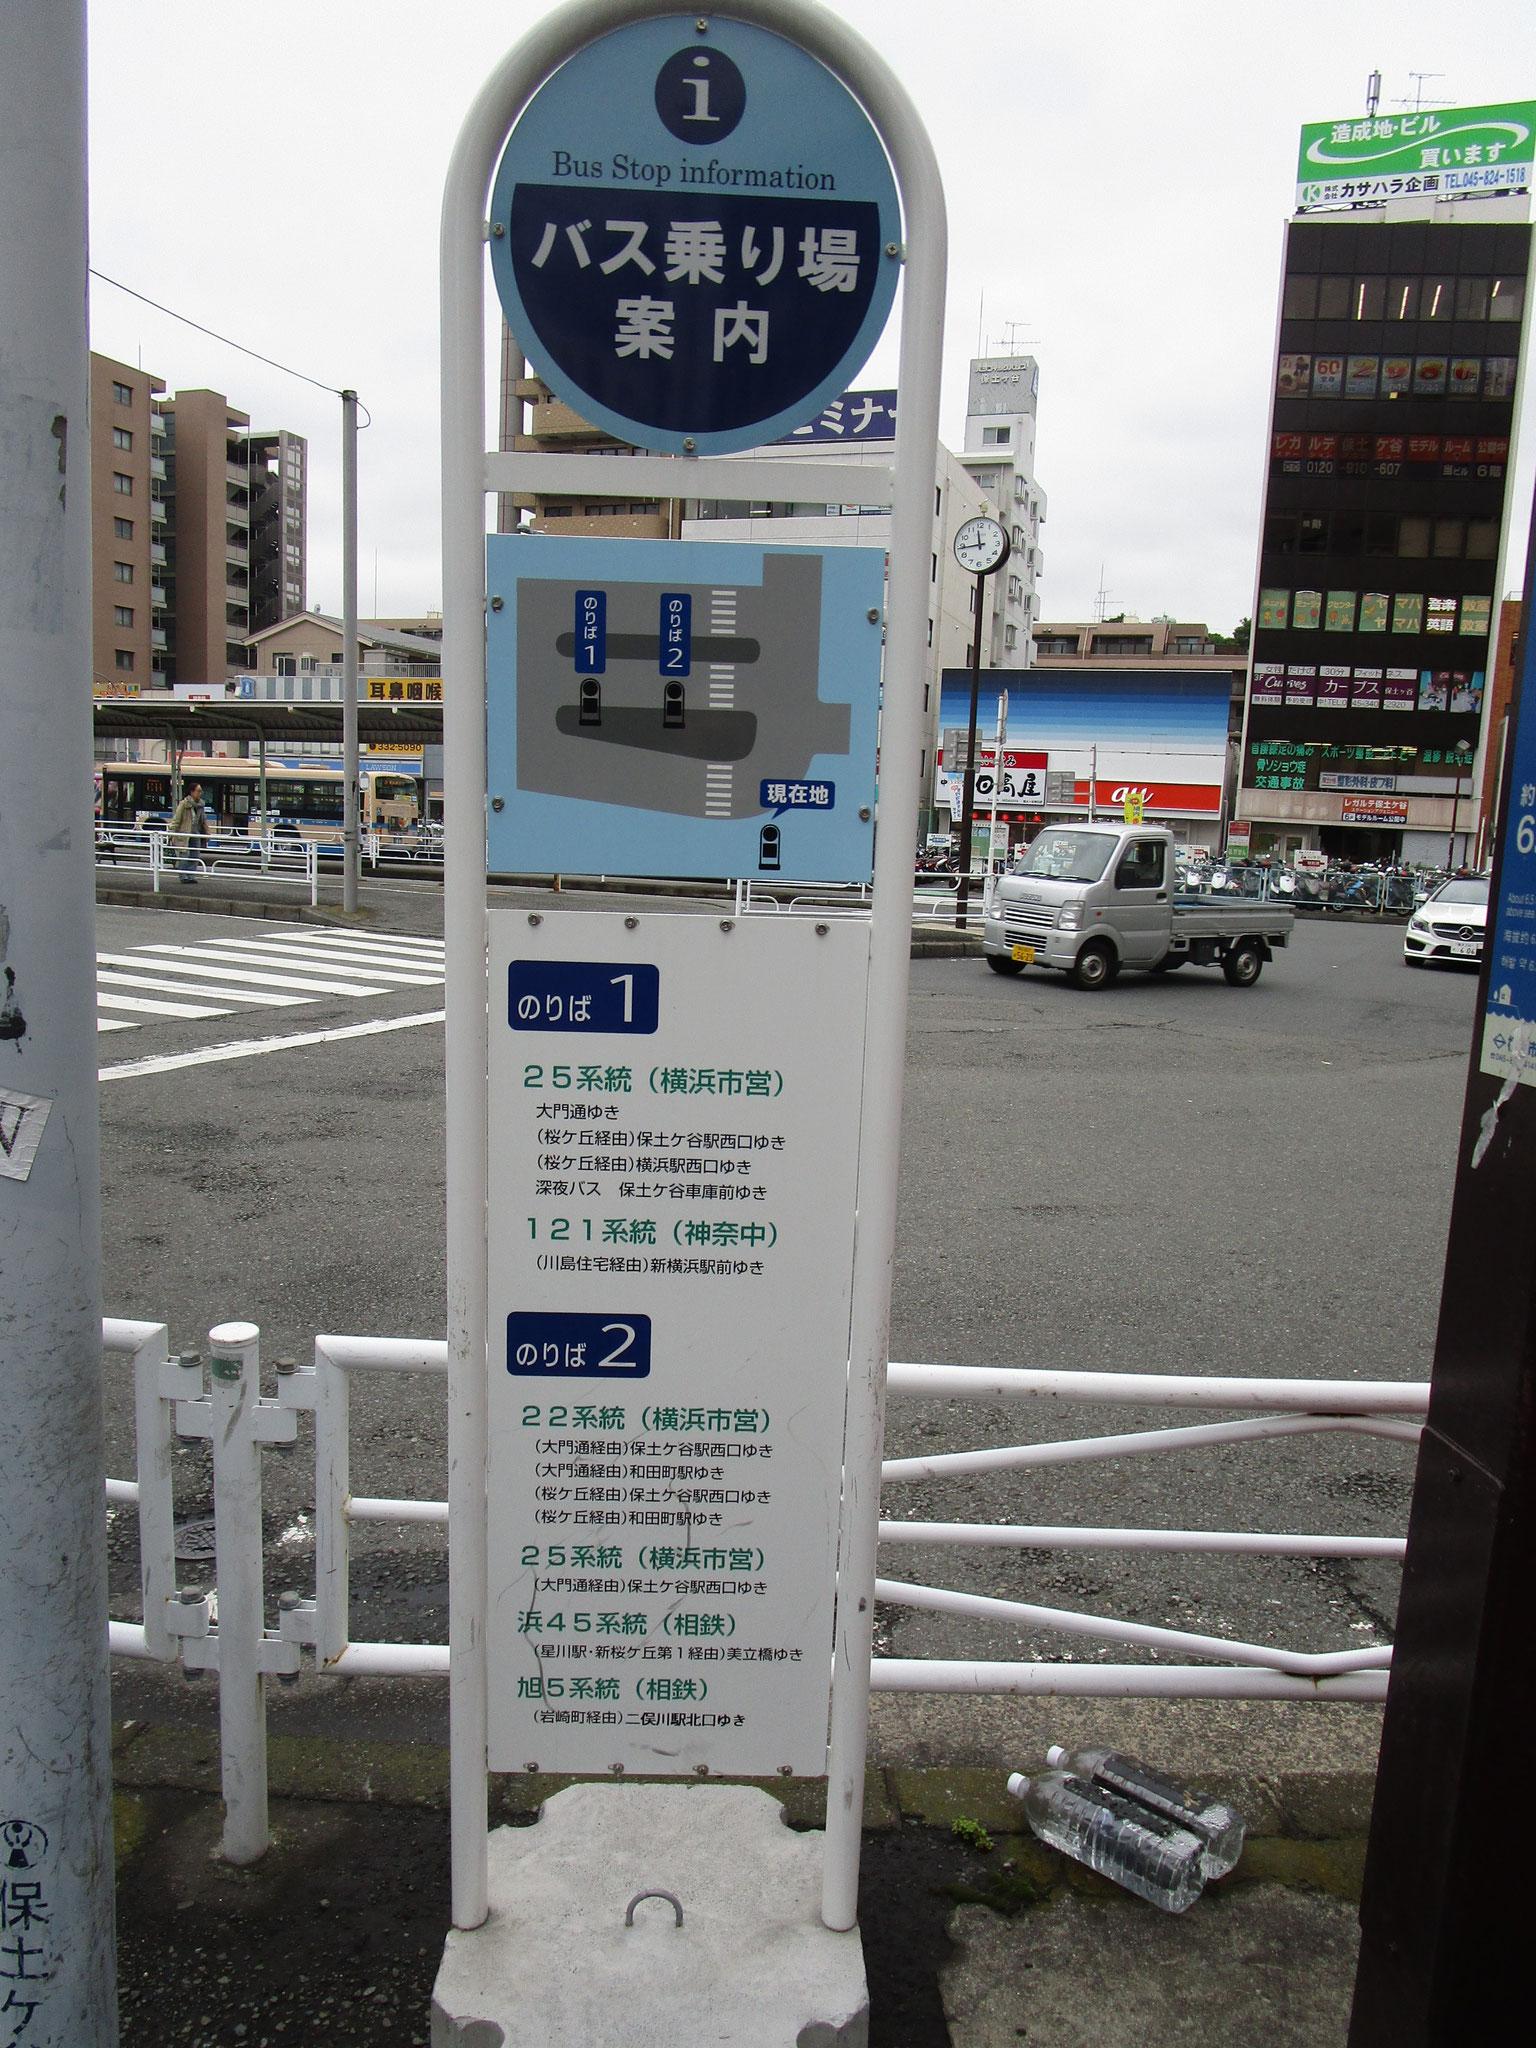 駅前のロータリー。バス乗り場案内の看板